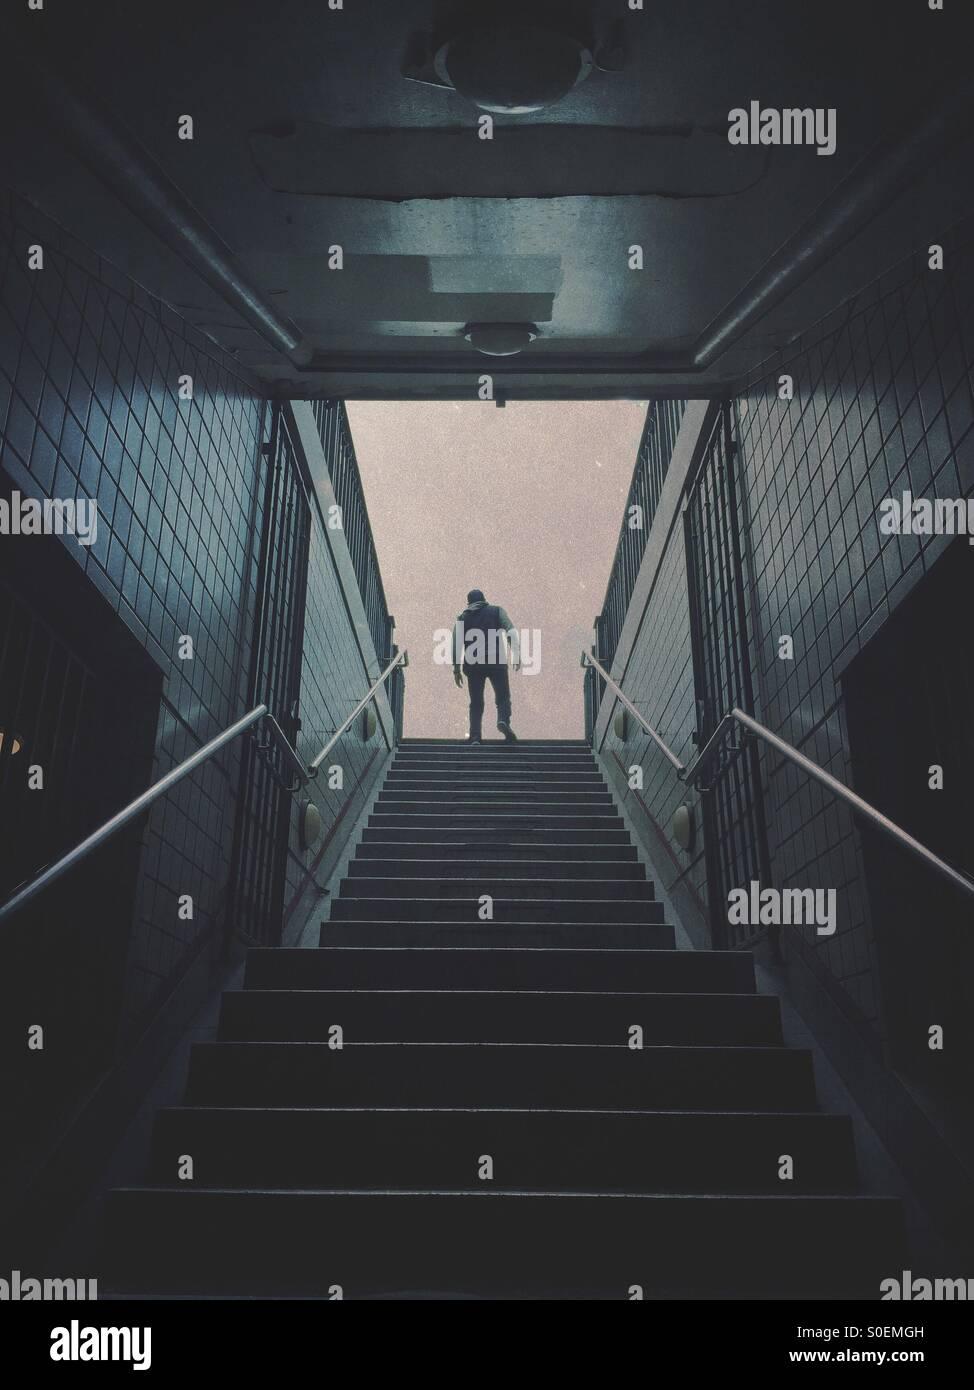 Misteriosa figura maschile lasciando la stazione della metropolitana Immagini Stock